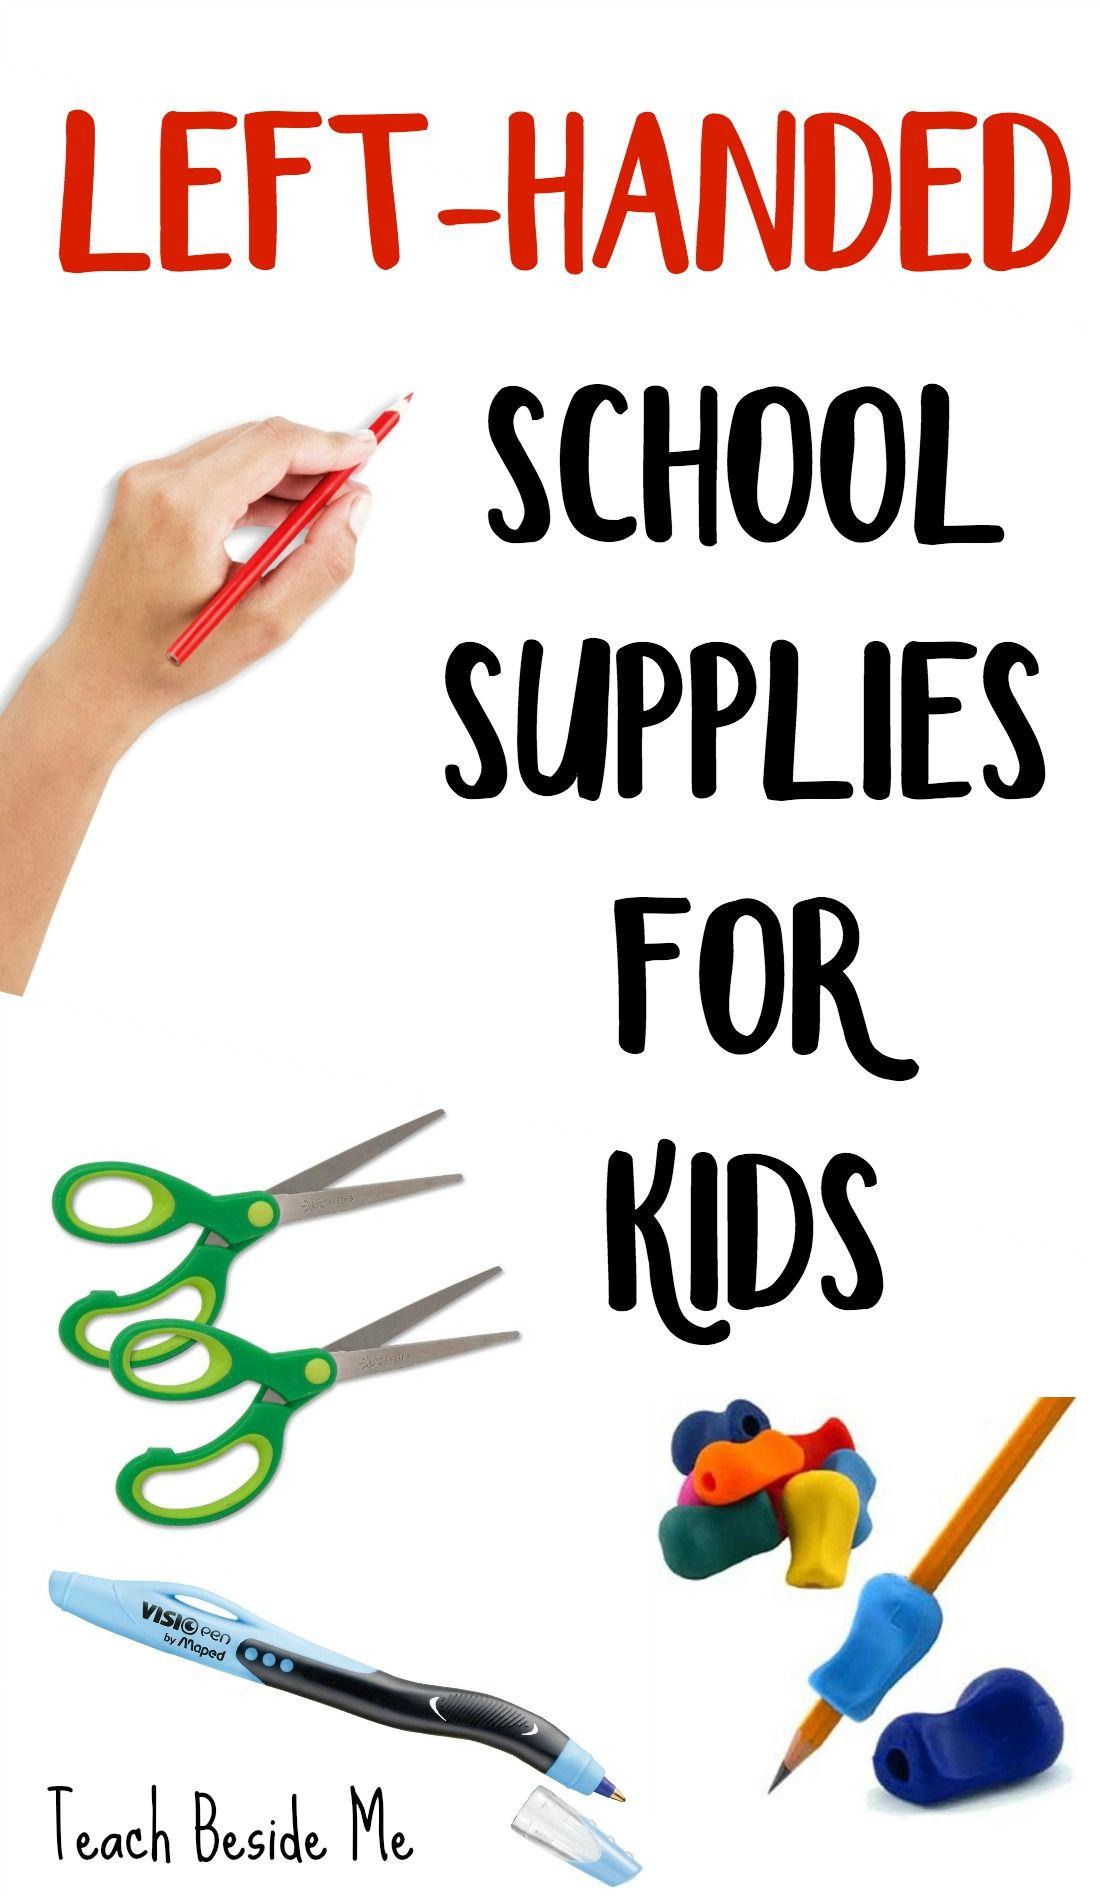 Left Handed School Supplies For Kids